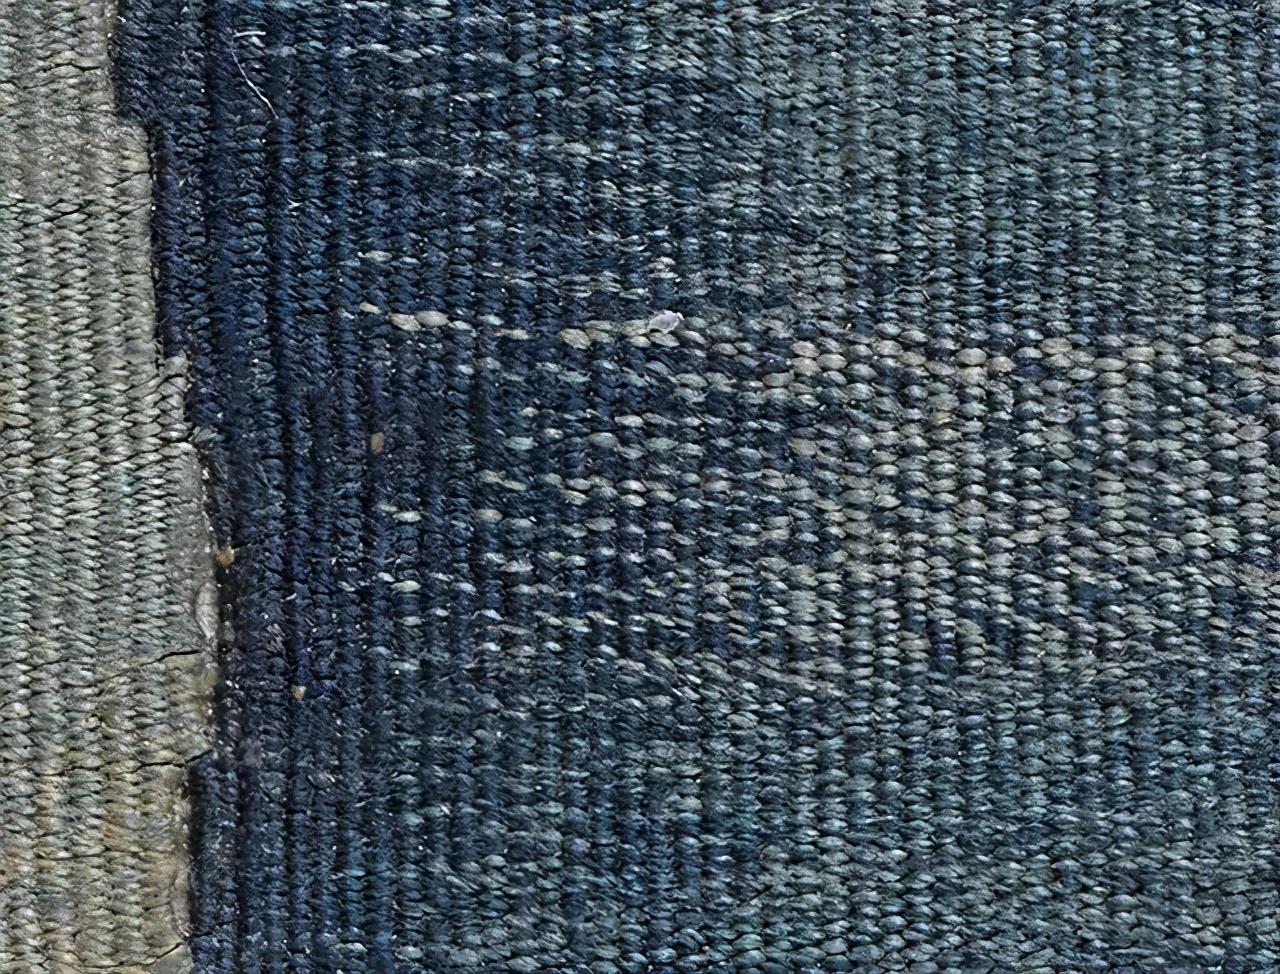 都是顶级丝织品,都不能被机器取代,缂丝和云锦有什么不同?